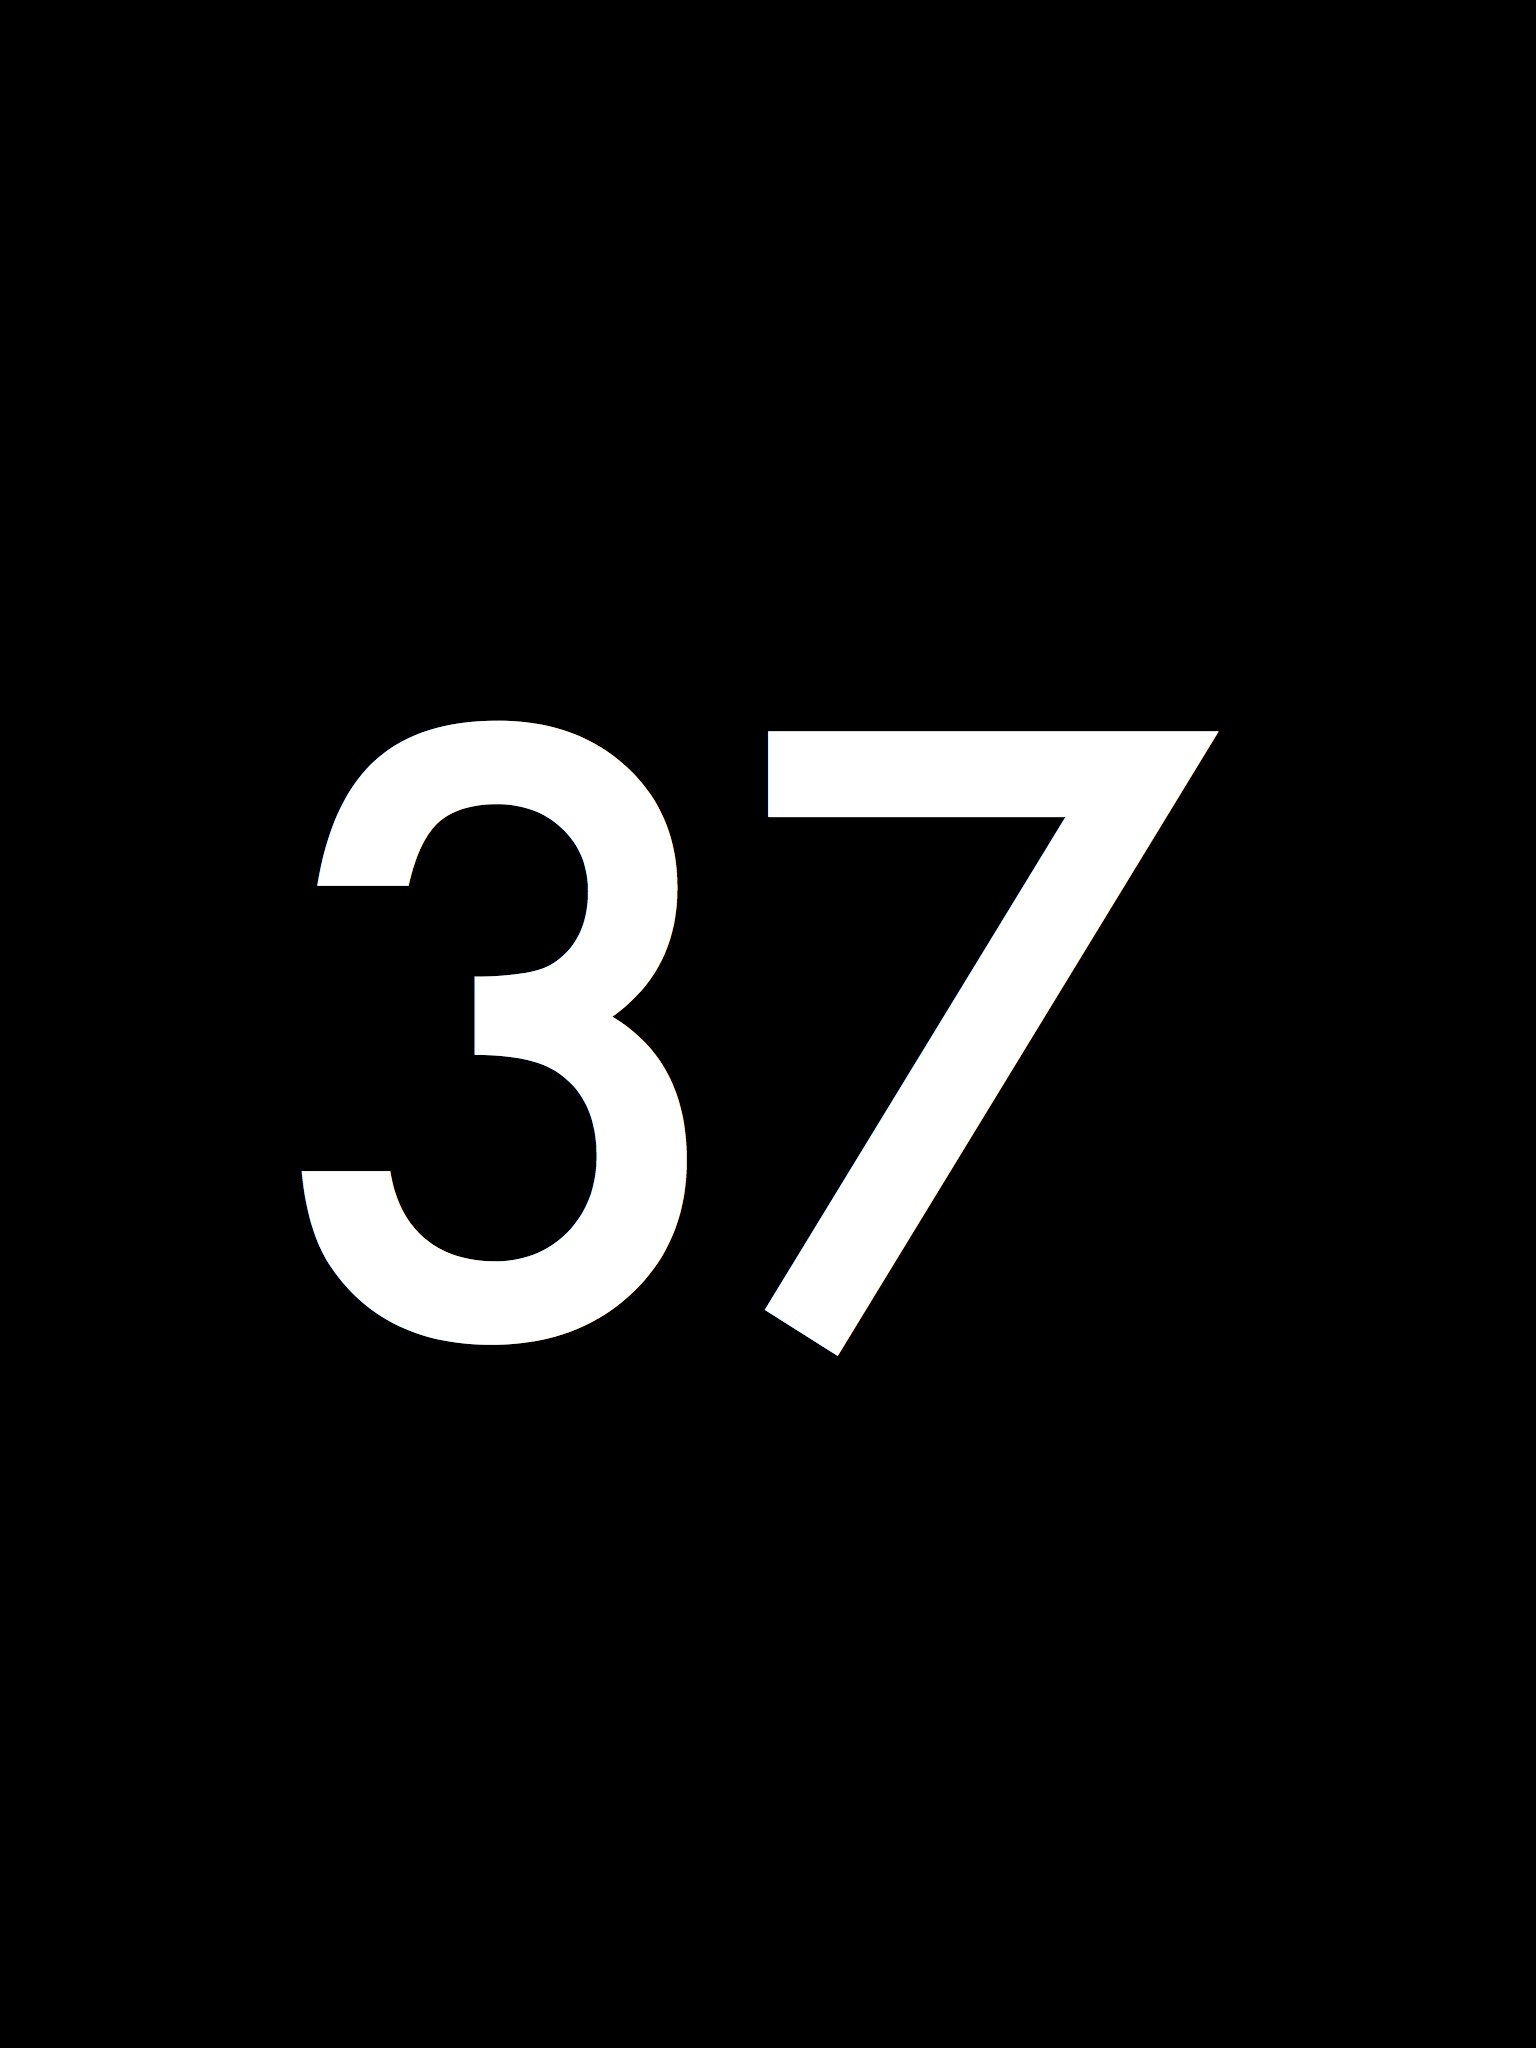 Black_Number.037.jpg